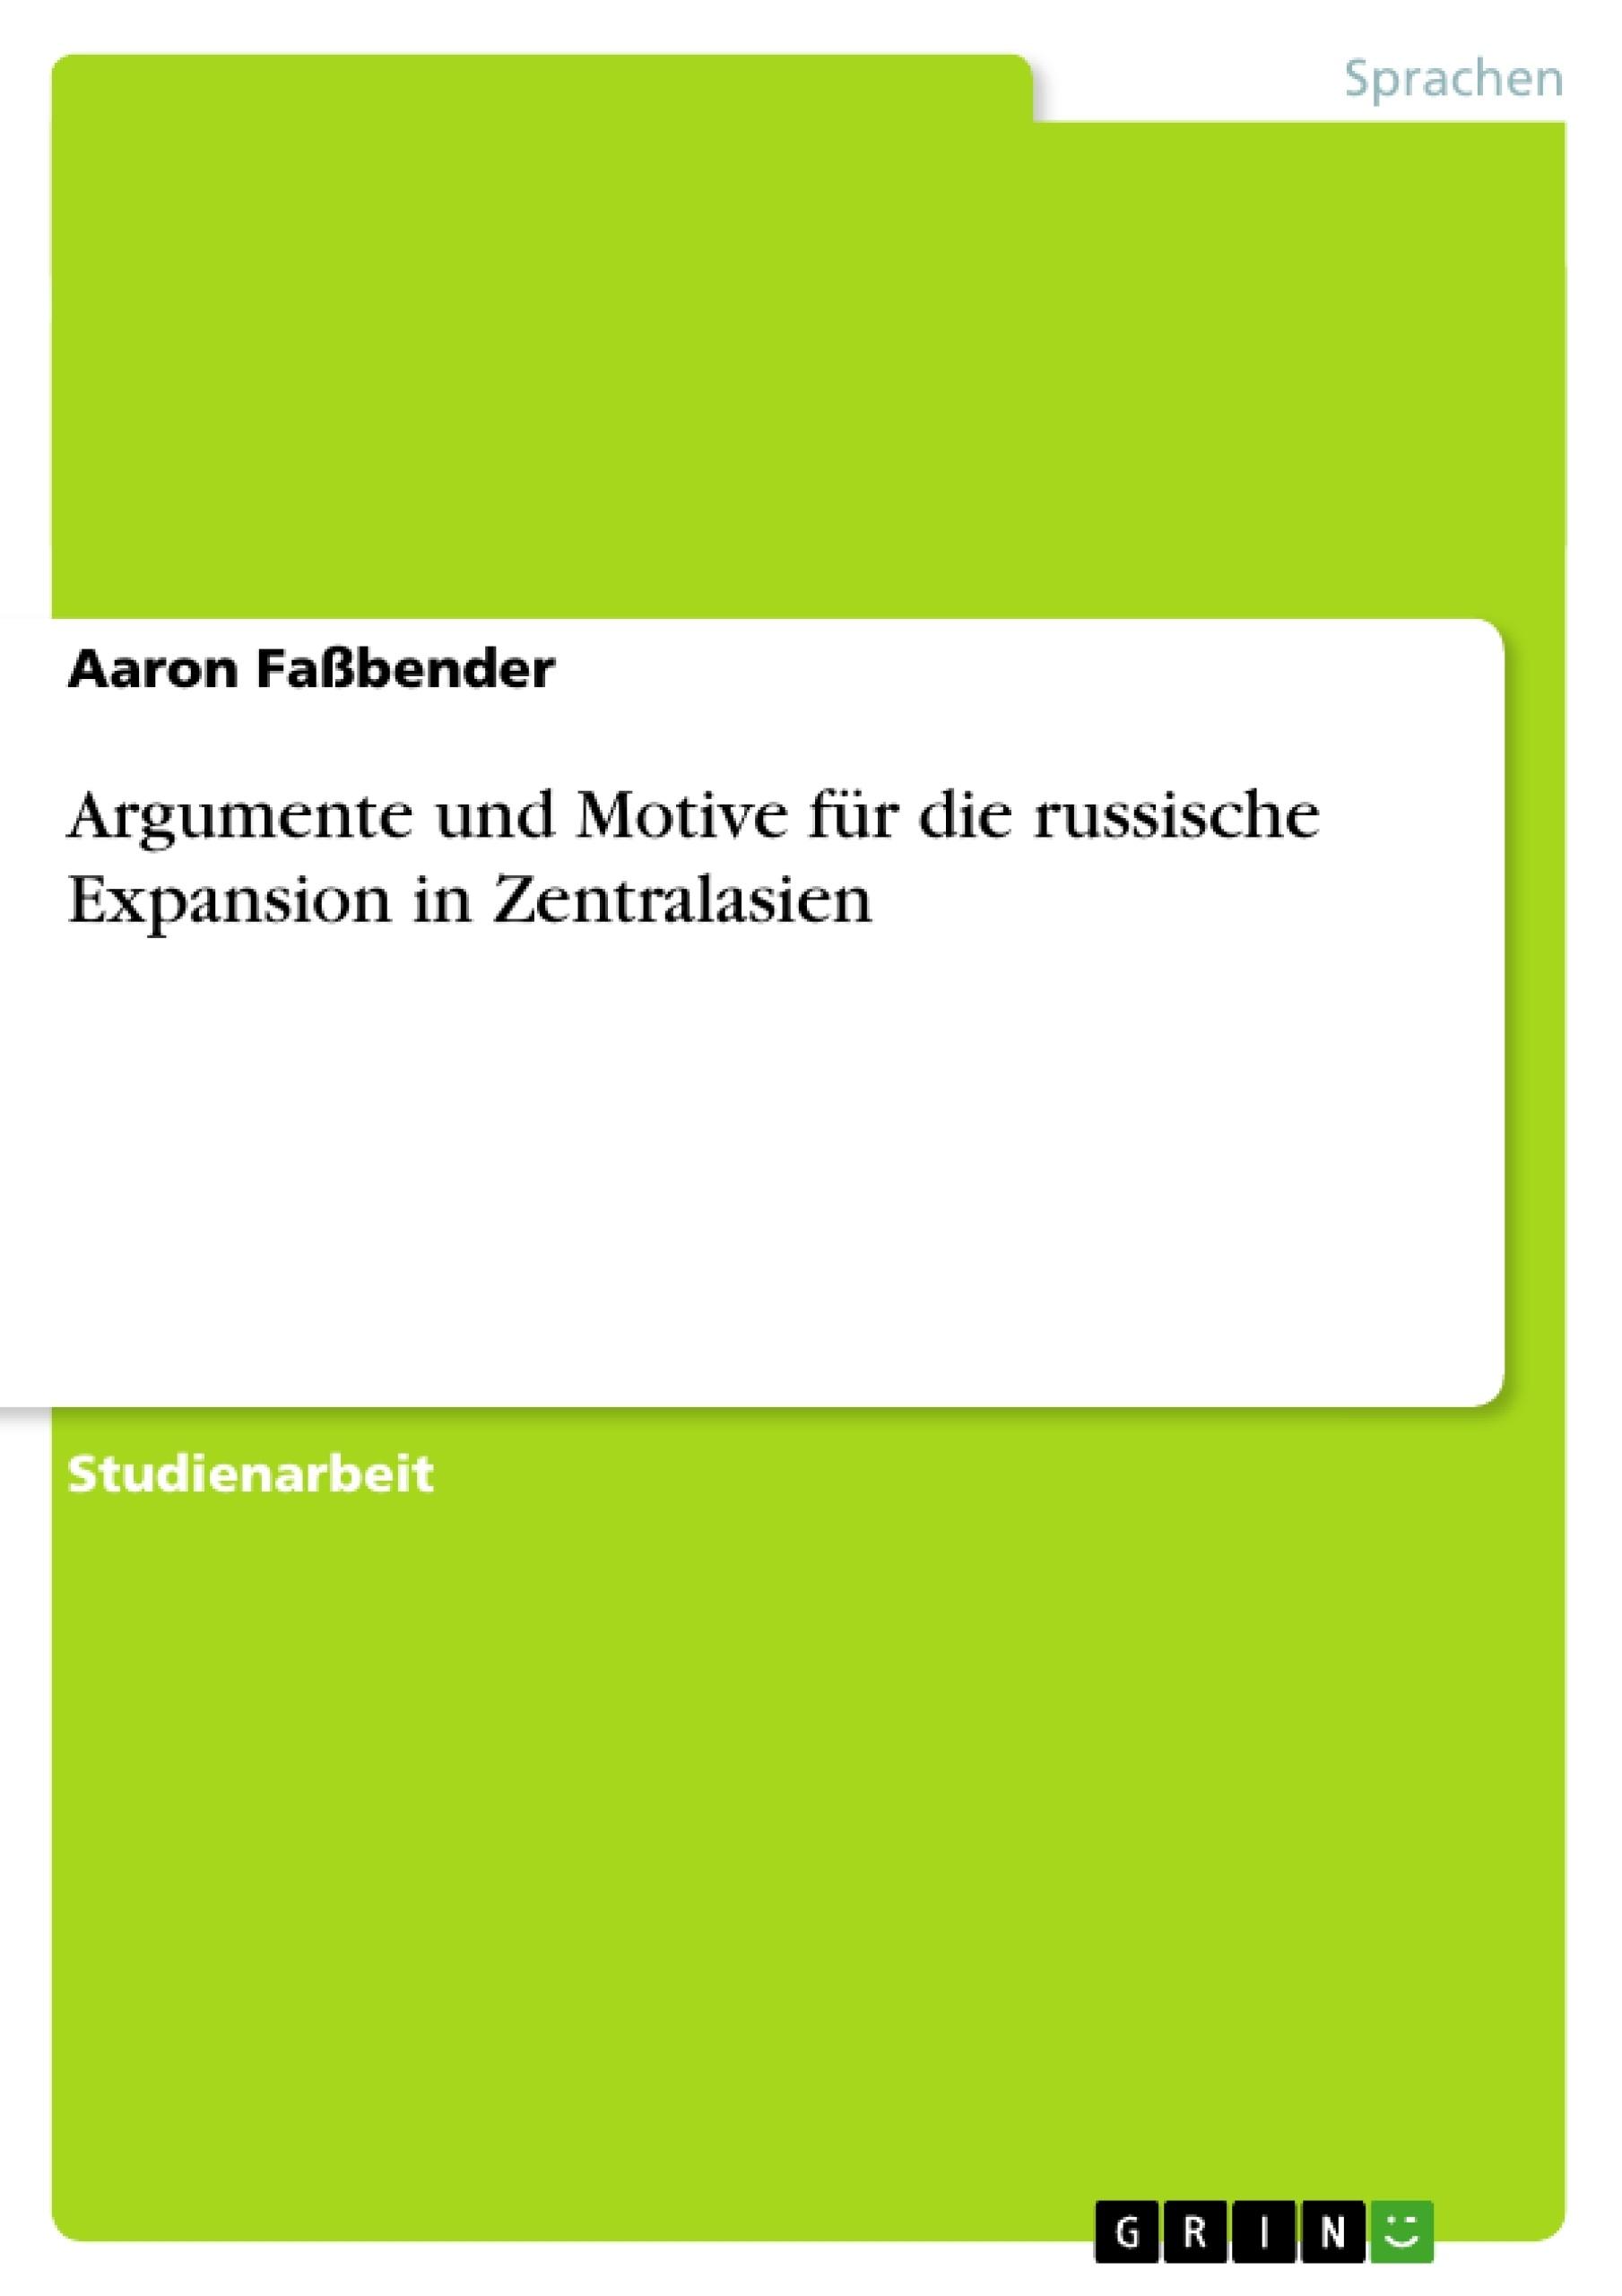 Titel: Argumente und Motive für die russische Expansion in Zentralasien